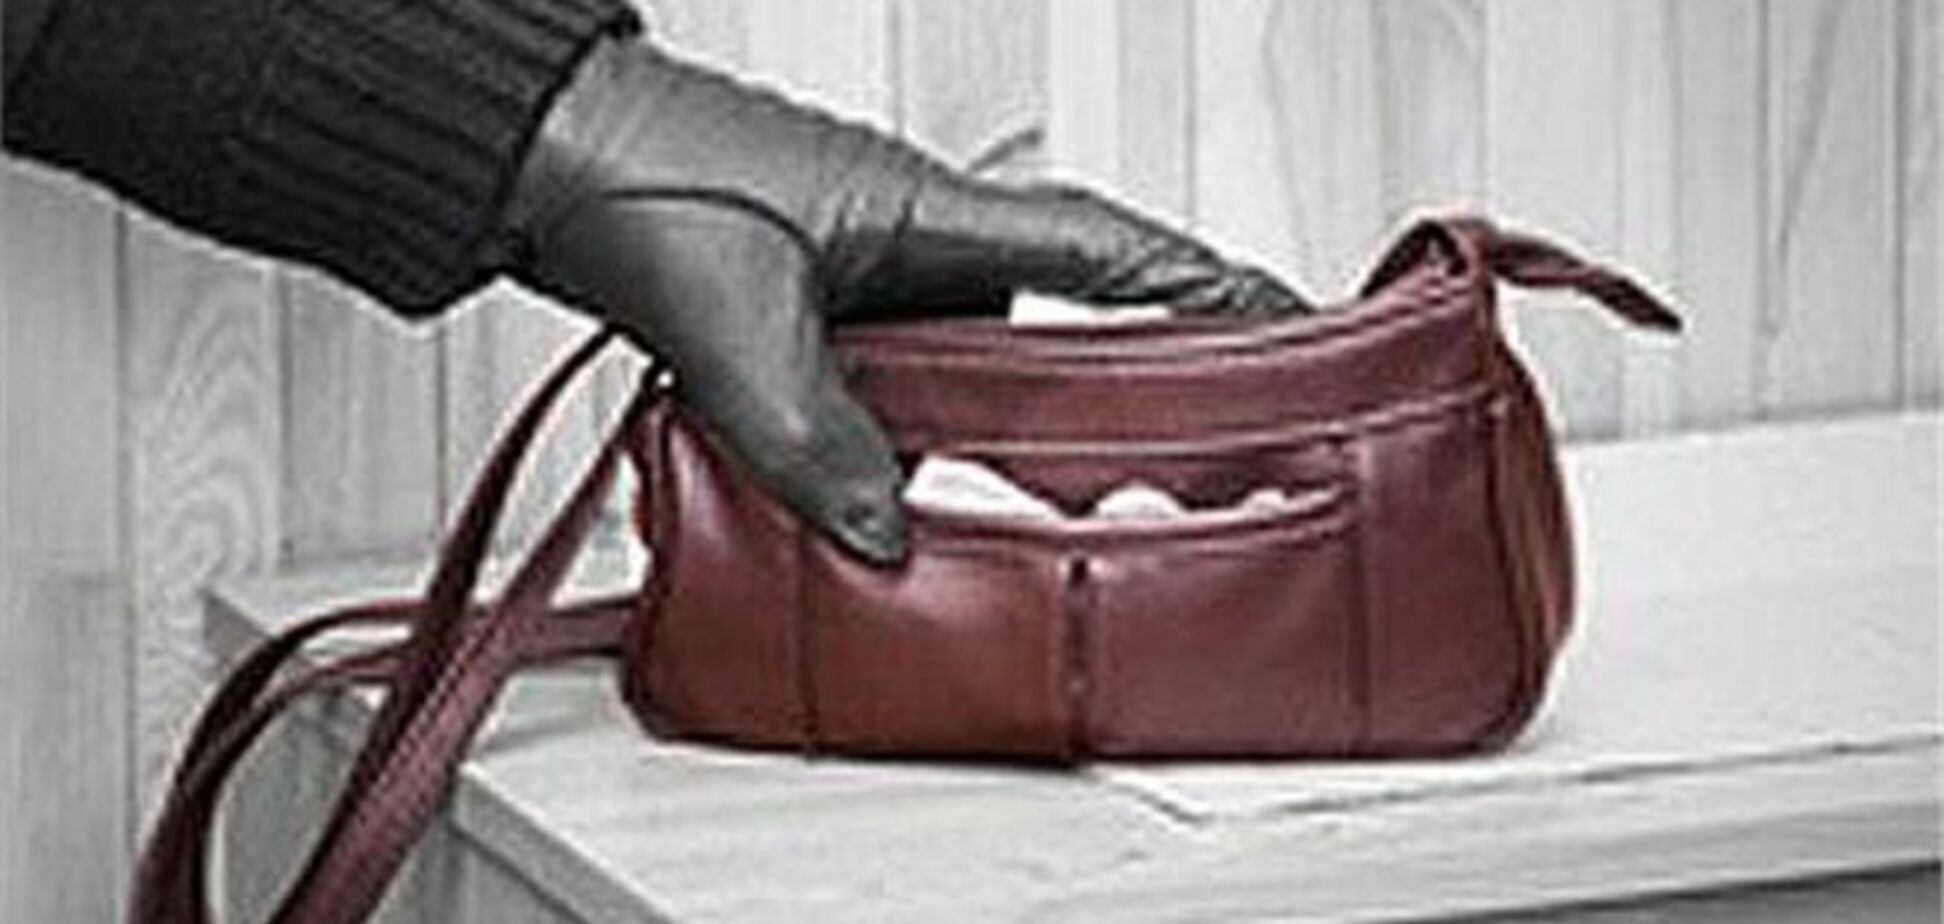 В Україні набирає популярності новий вид злодійства - кабінетна клептоманія